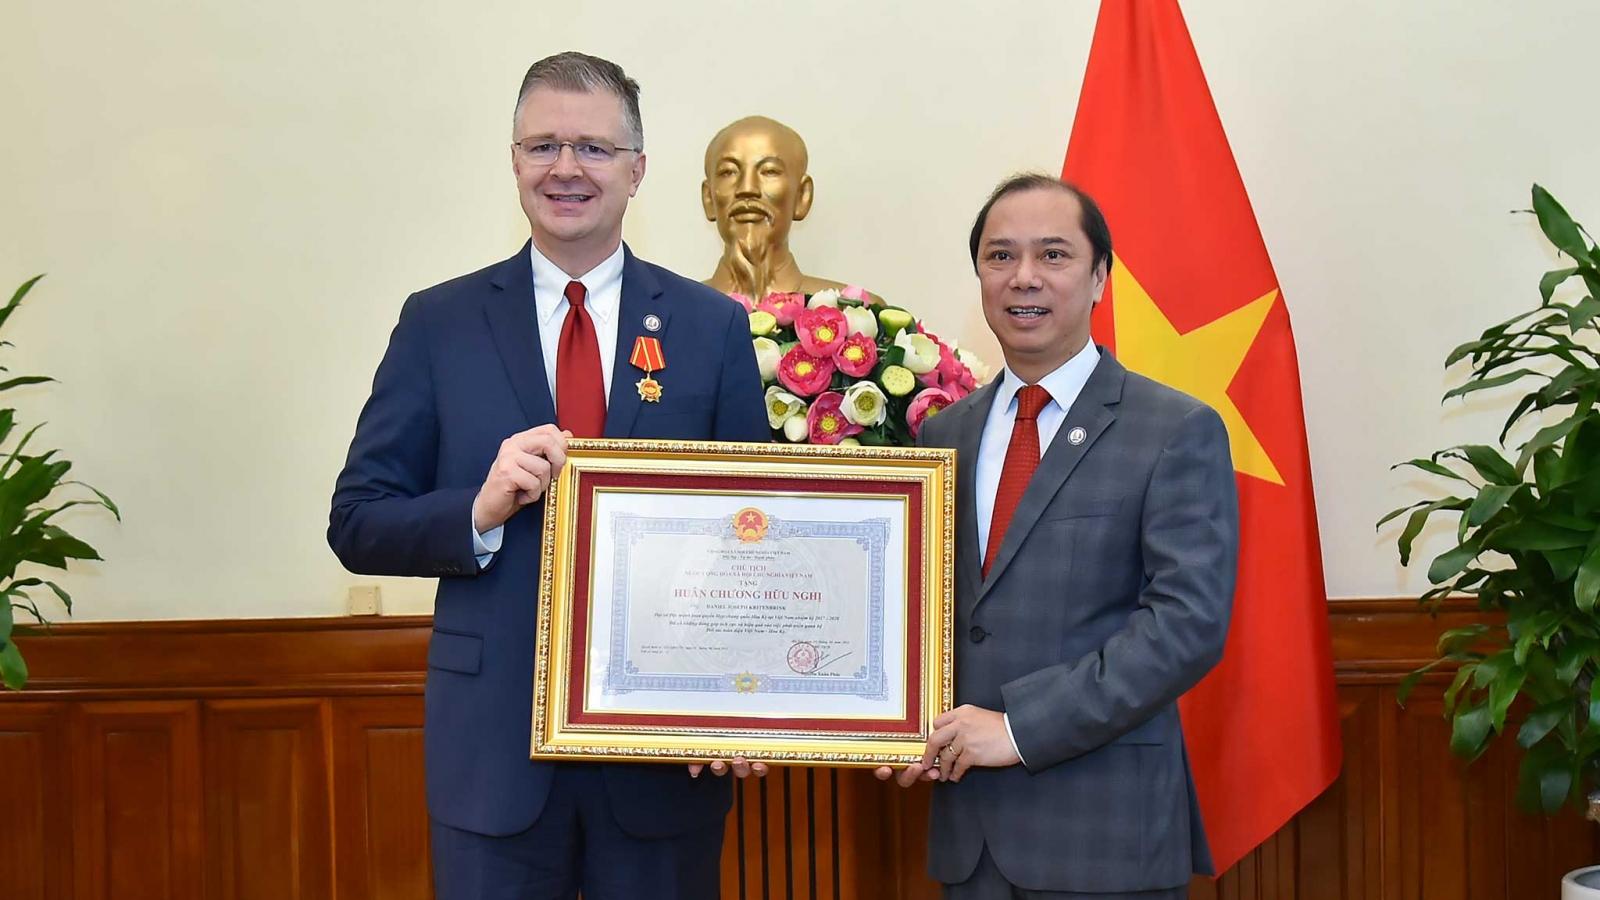 Đại sứ Hoa Kỳ Daniel Kritenbrink kết thúc nhiệm kỳ tại Việt Nam